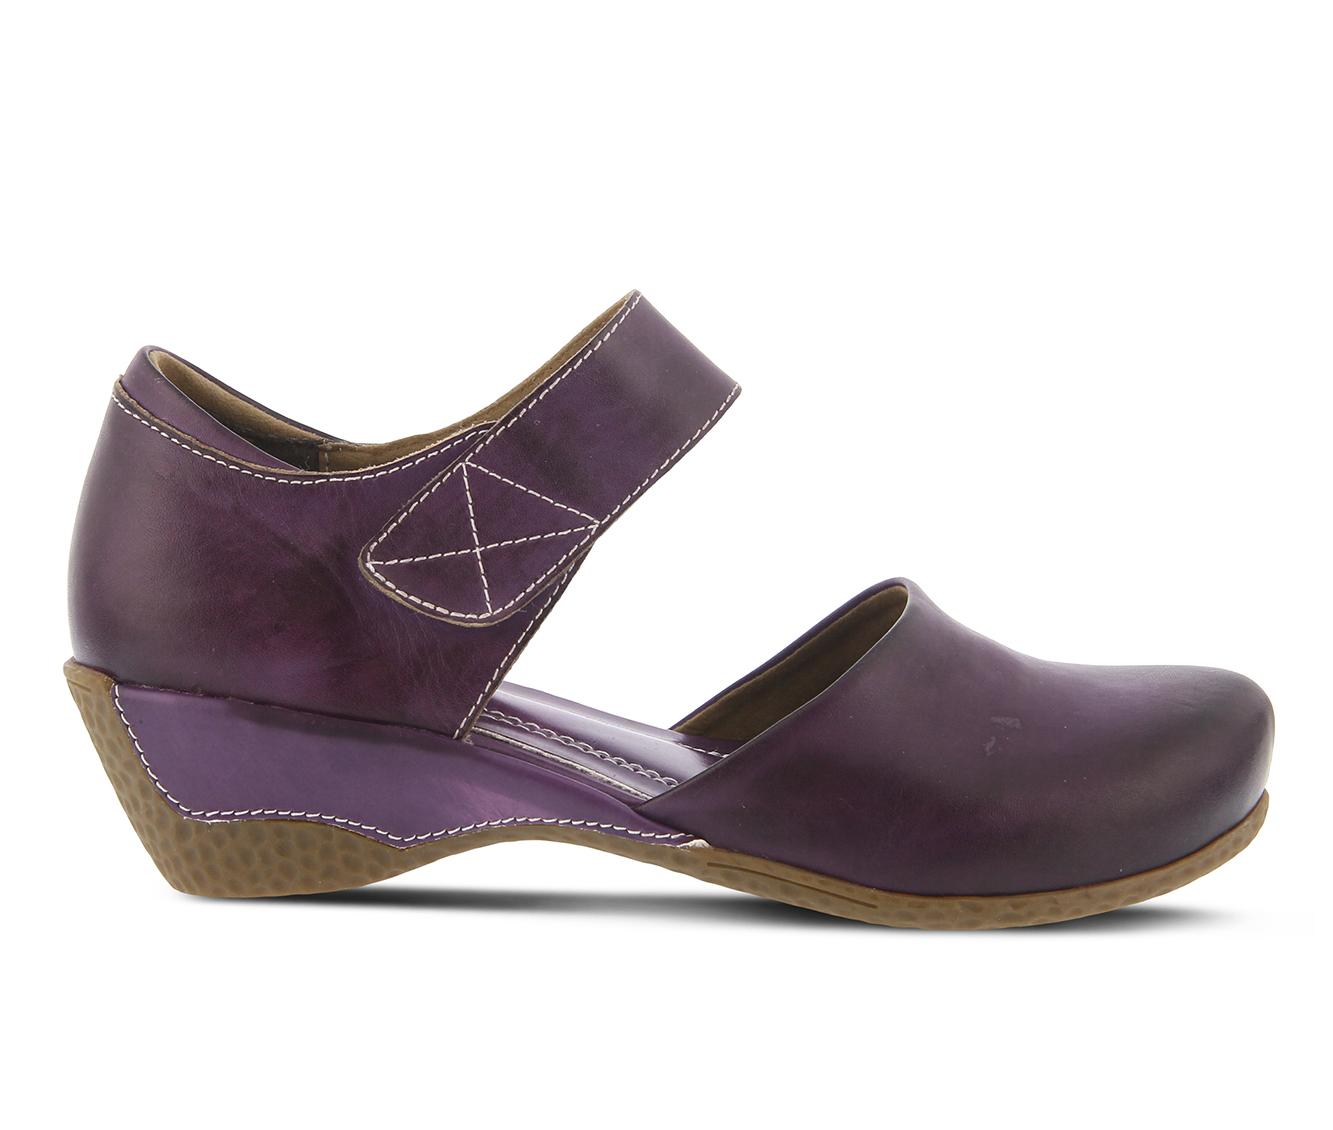 L'Artiste Gloss Women's Shoe (Purple Leather)